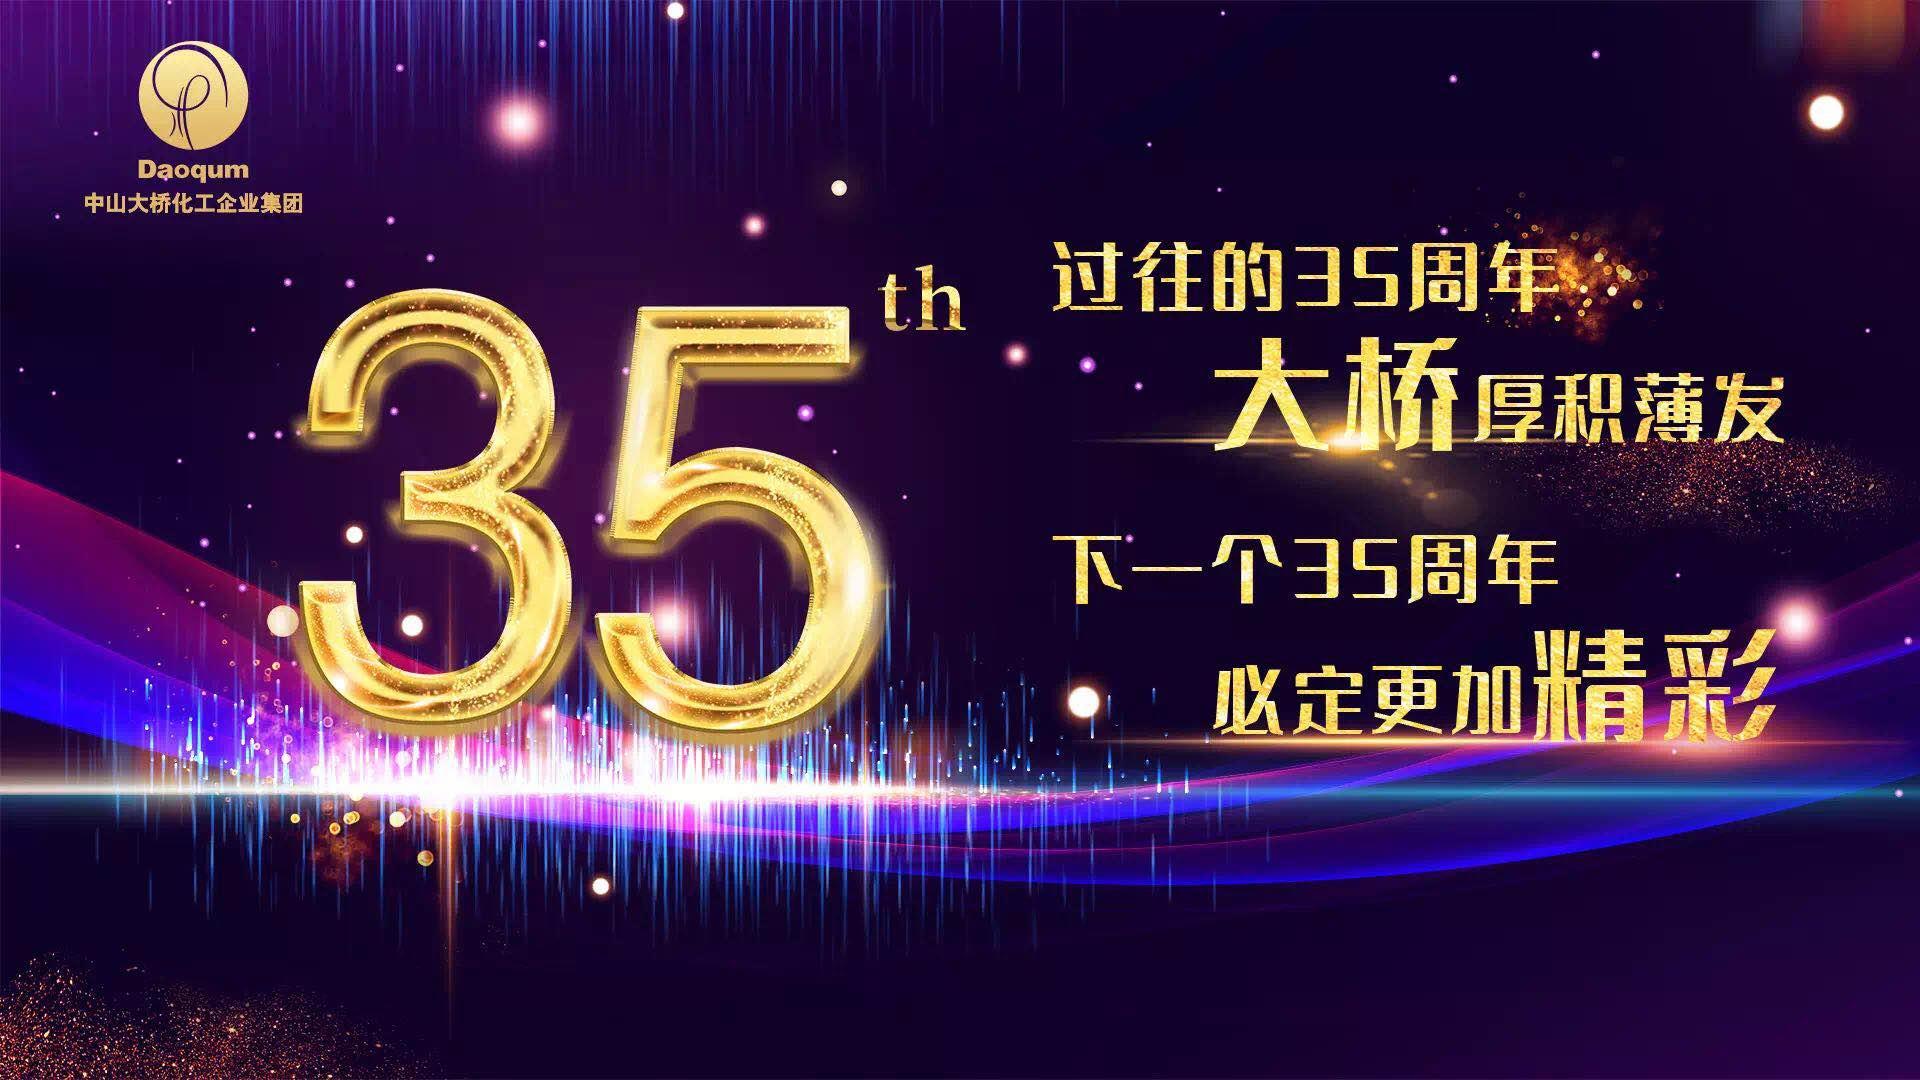 35周年 | 瑶山大桥化工初心不改,必将再创辉煌!